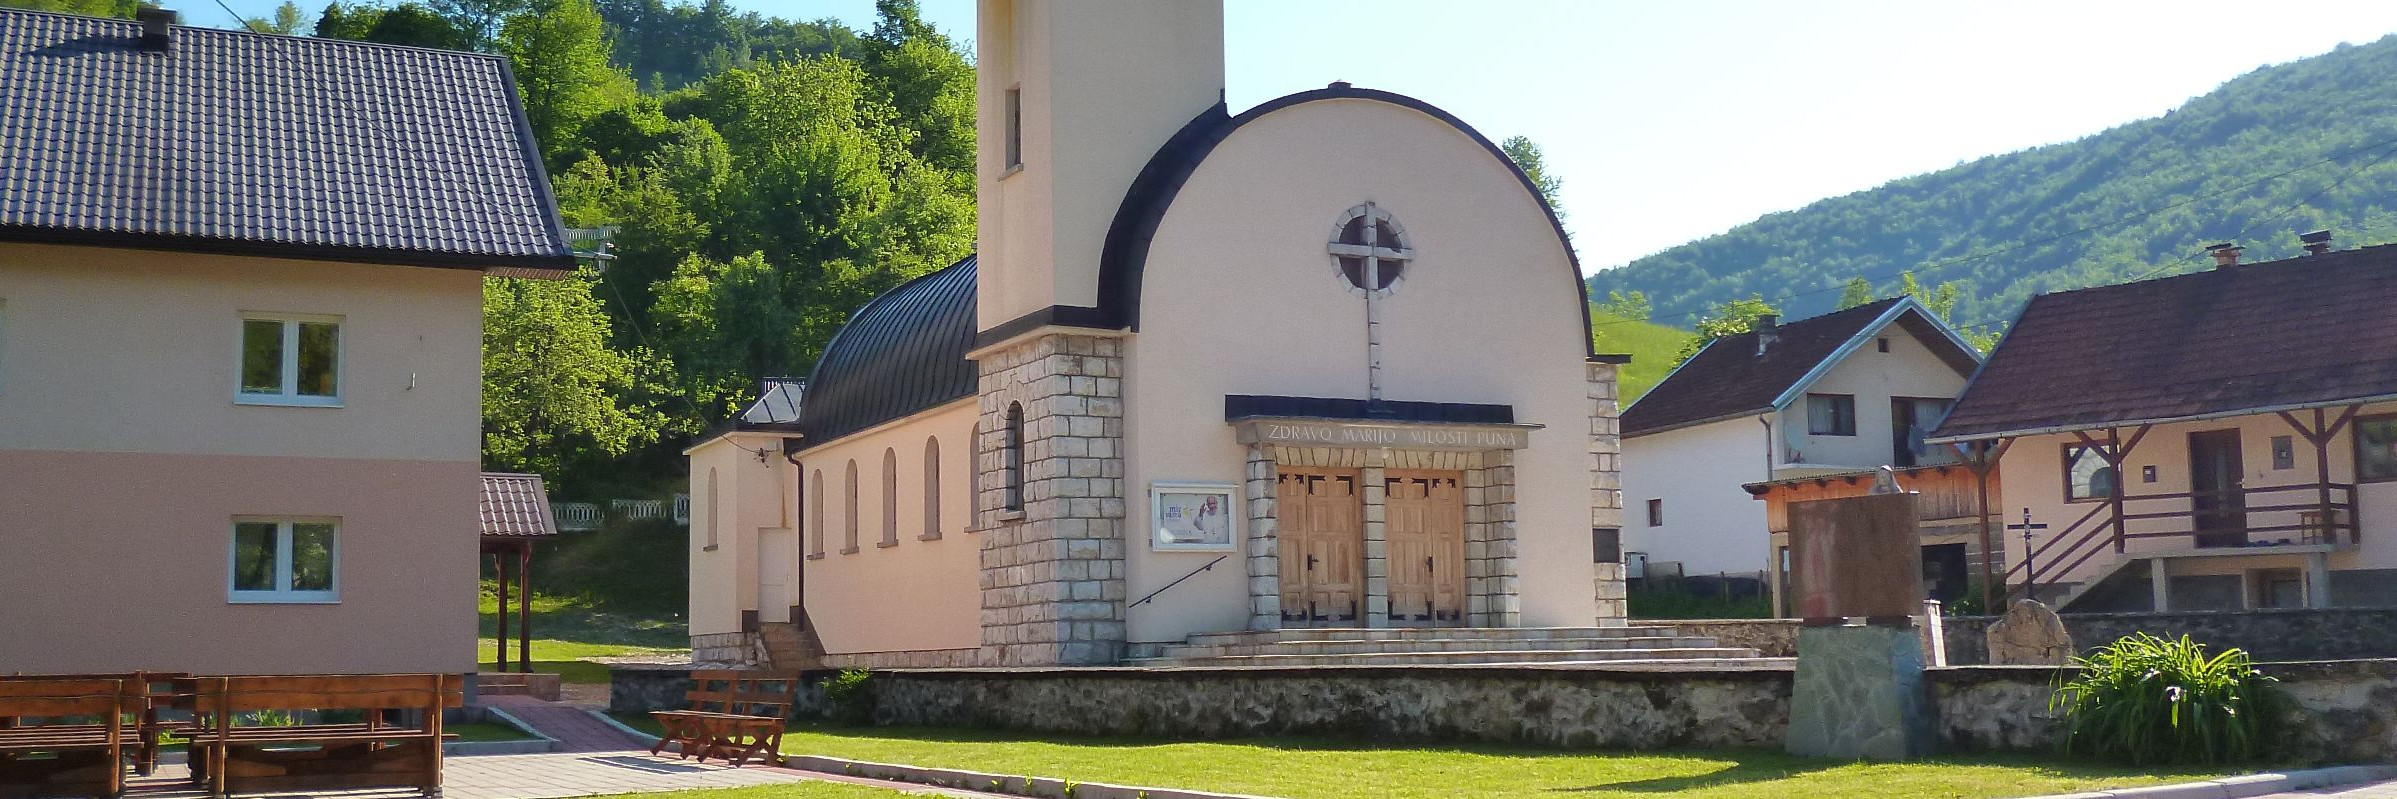 Церковь Девы Марии Снежной в Дежевице. Фото: Елена Арсениевич, CC BY-SA 3.0